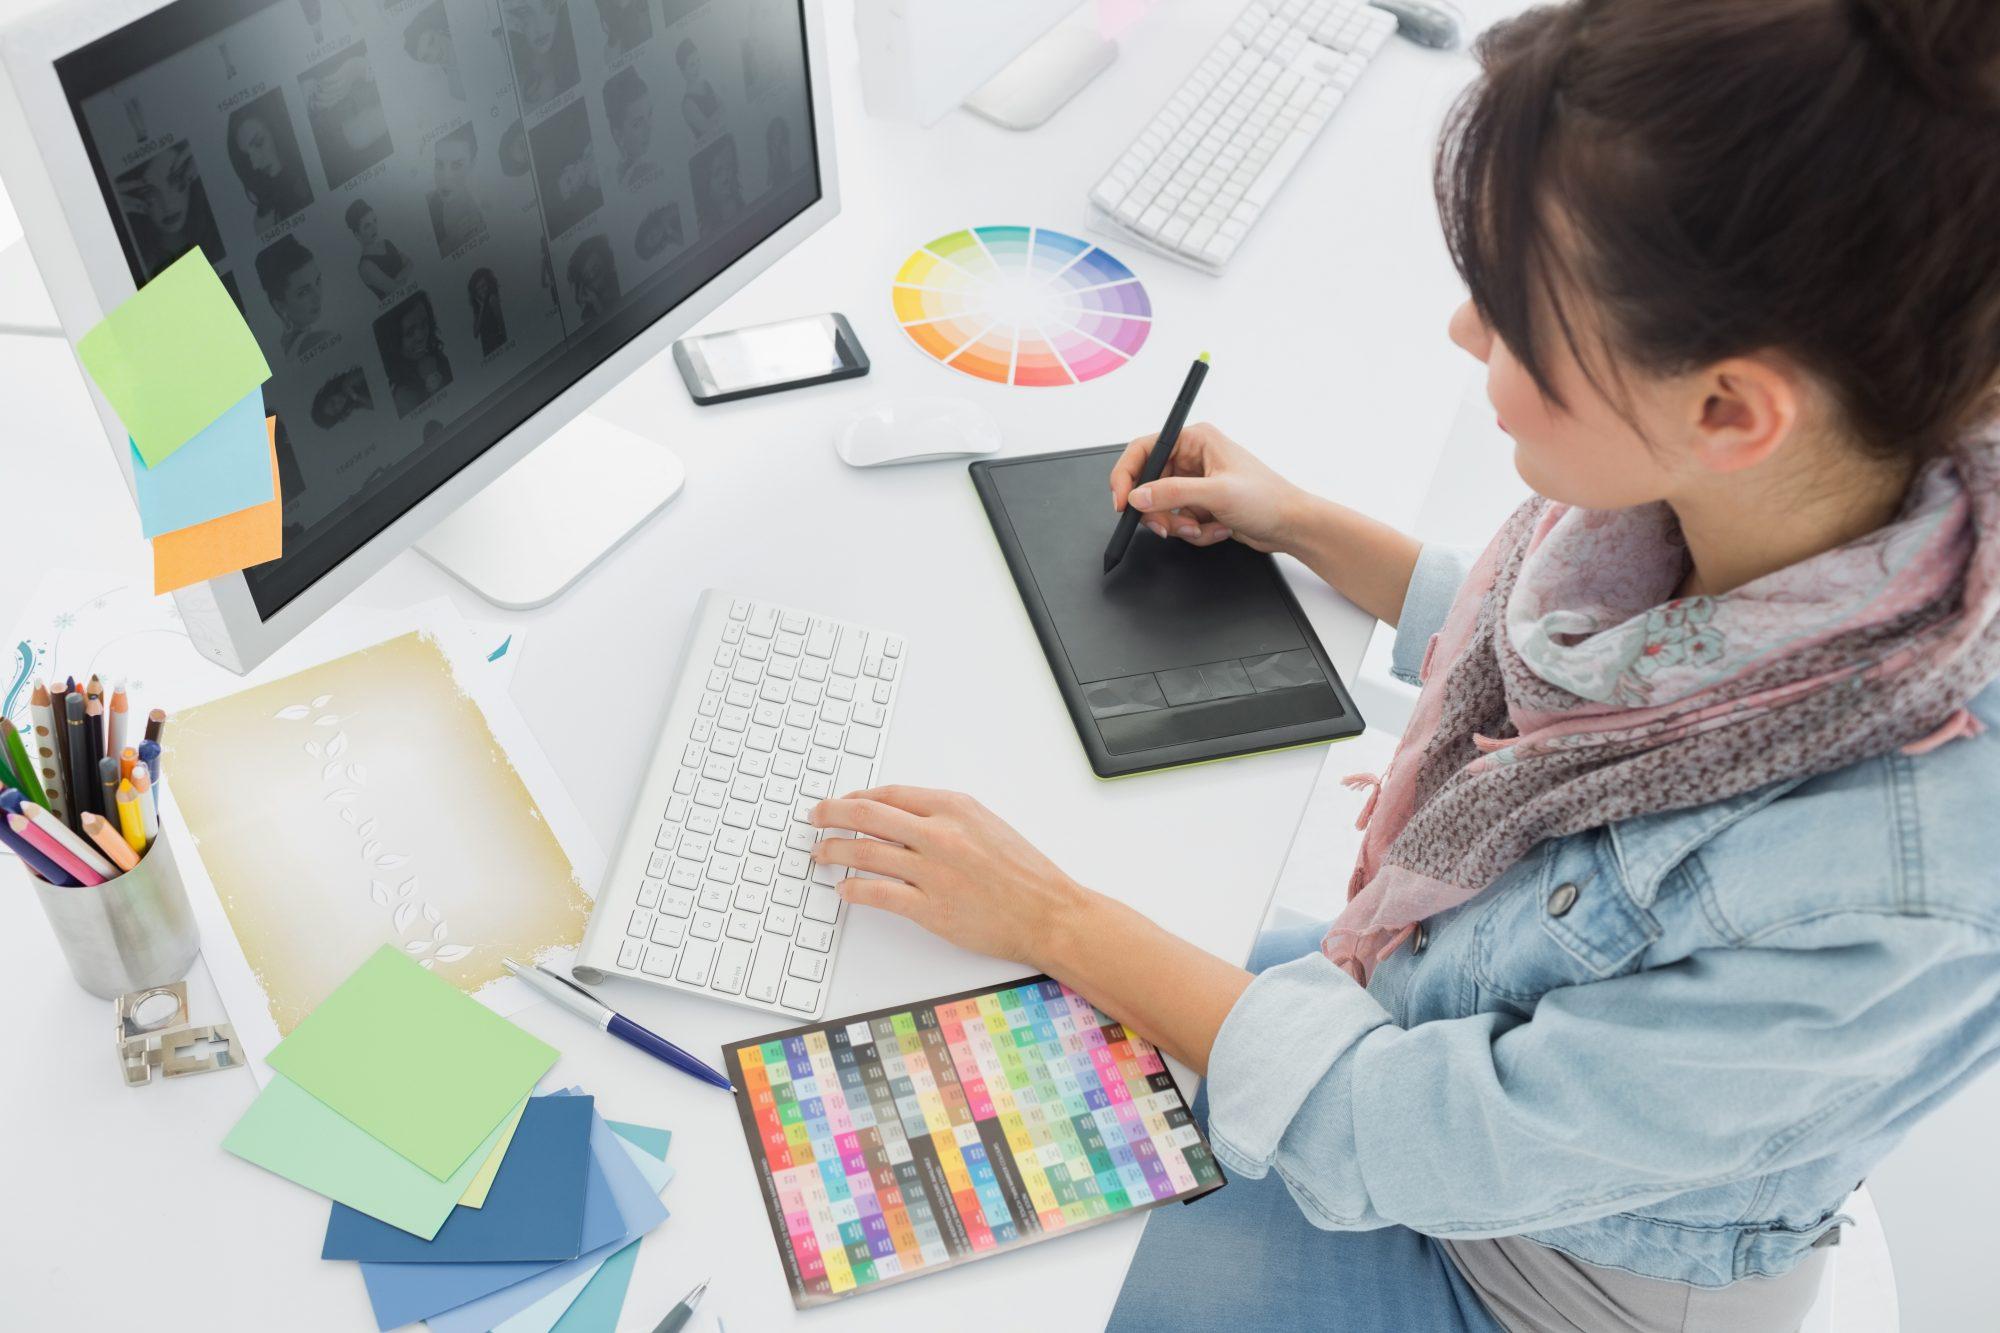 Grafikerin mit Farbfächer am PC